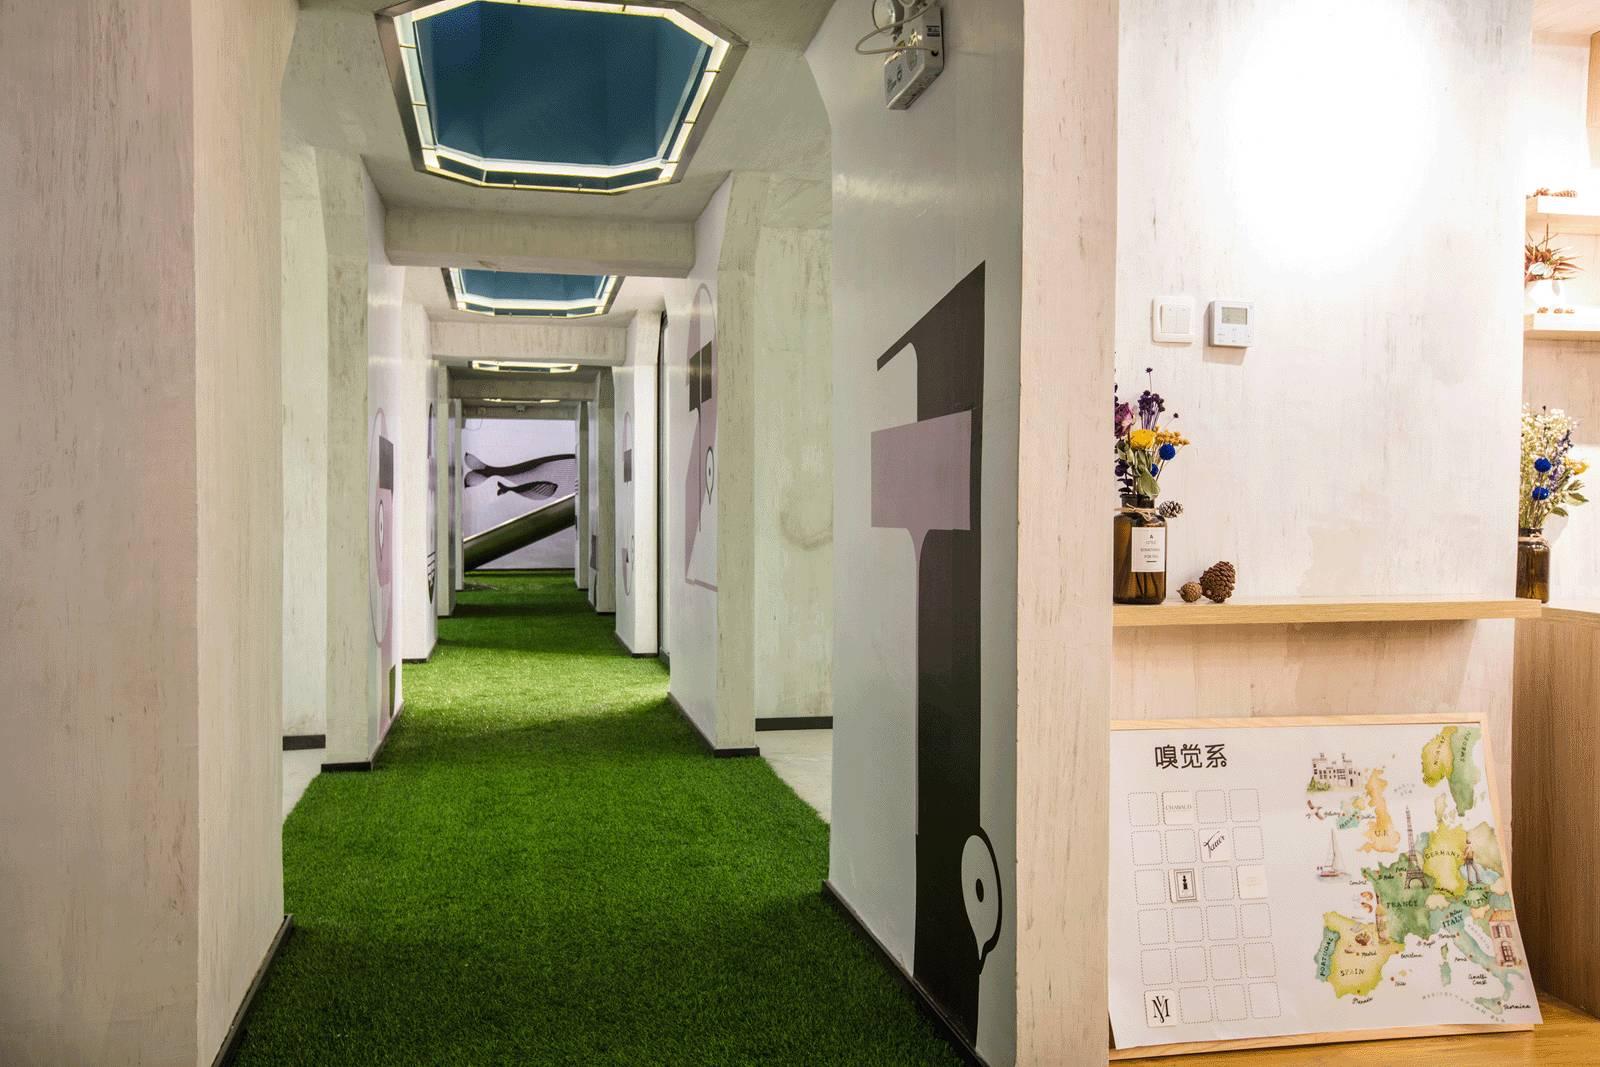 我们分割出一个个的小房间,每个房间风格各异,罗列的展示架展示各种产图片